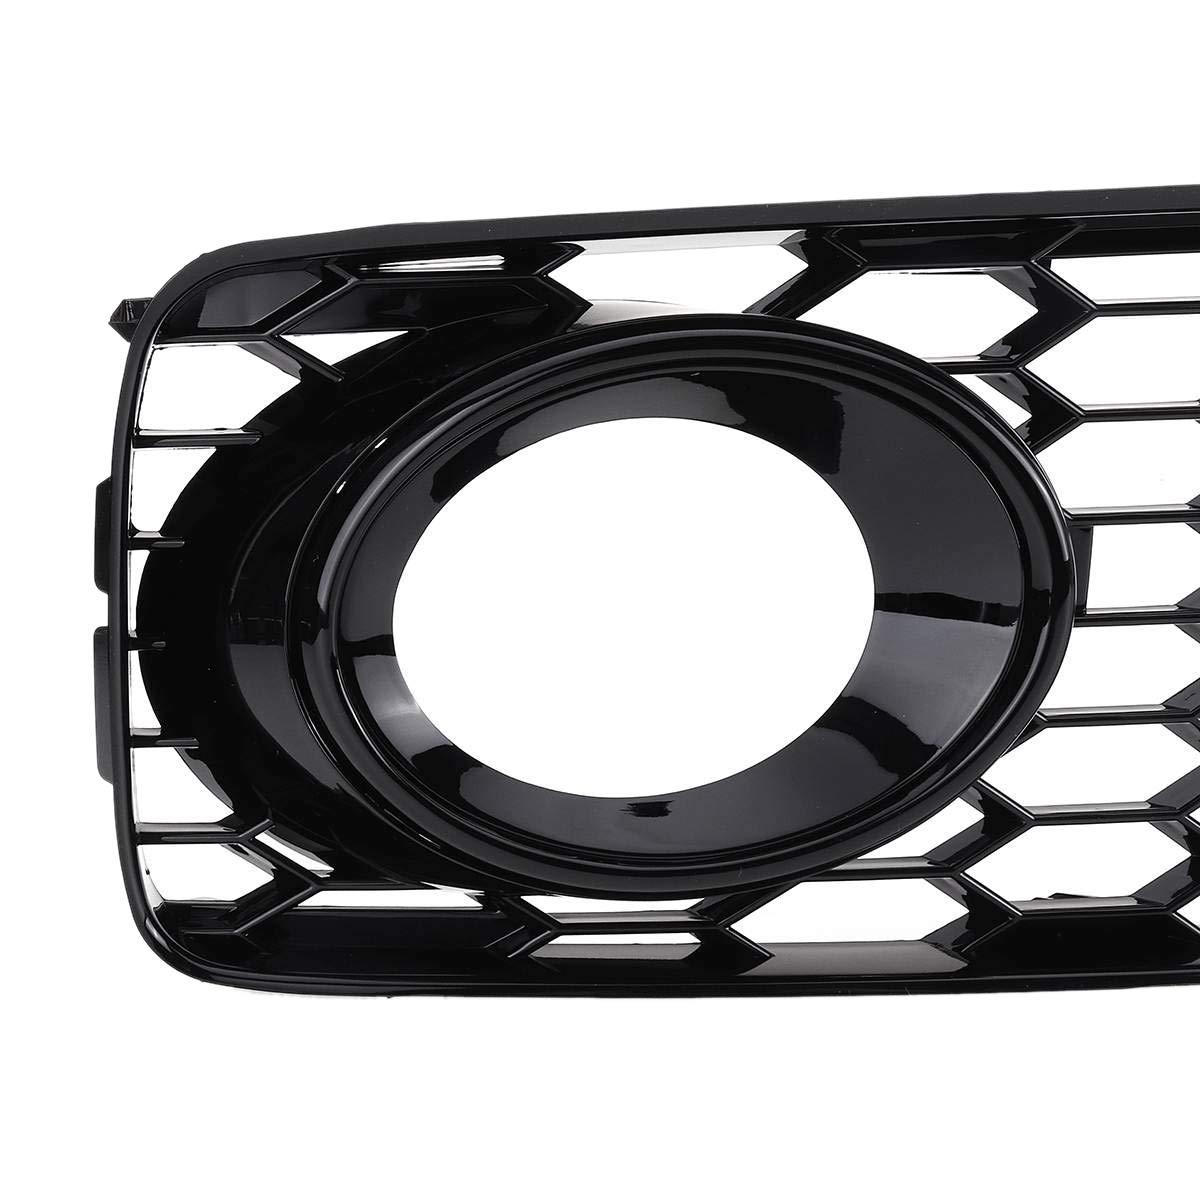 TOOGOO 1Pair Grille De Ventilation Avant Hexagonale De Grille Cellulaire De Projecteur Antibrouillard Avant De Voiture pour A5 Ligne S // S5 B8 Rs5 2008-2012 Chrome Argent